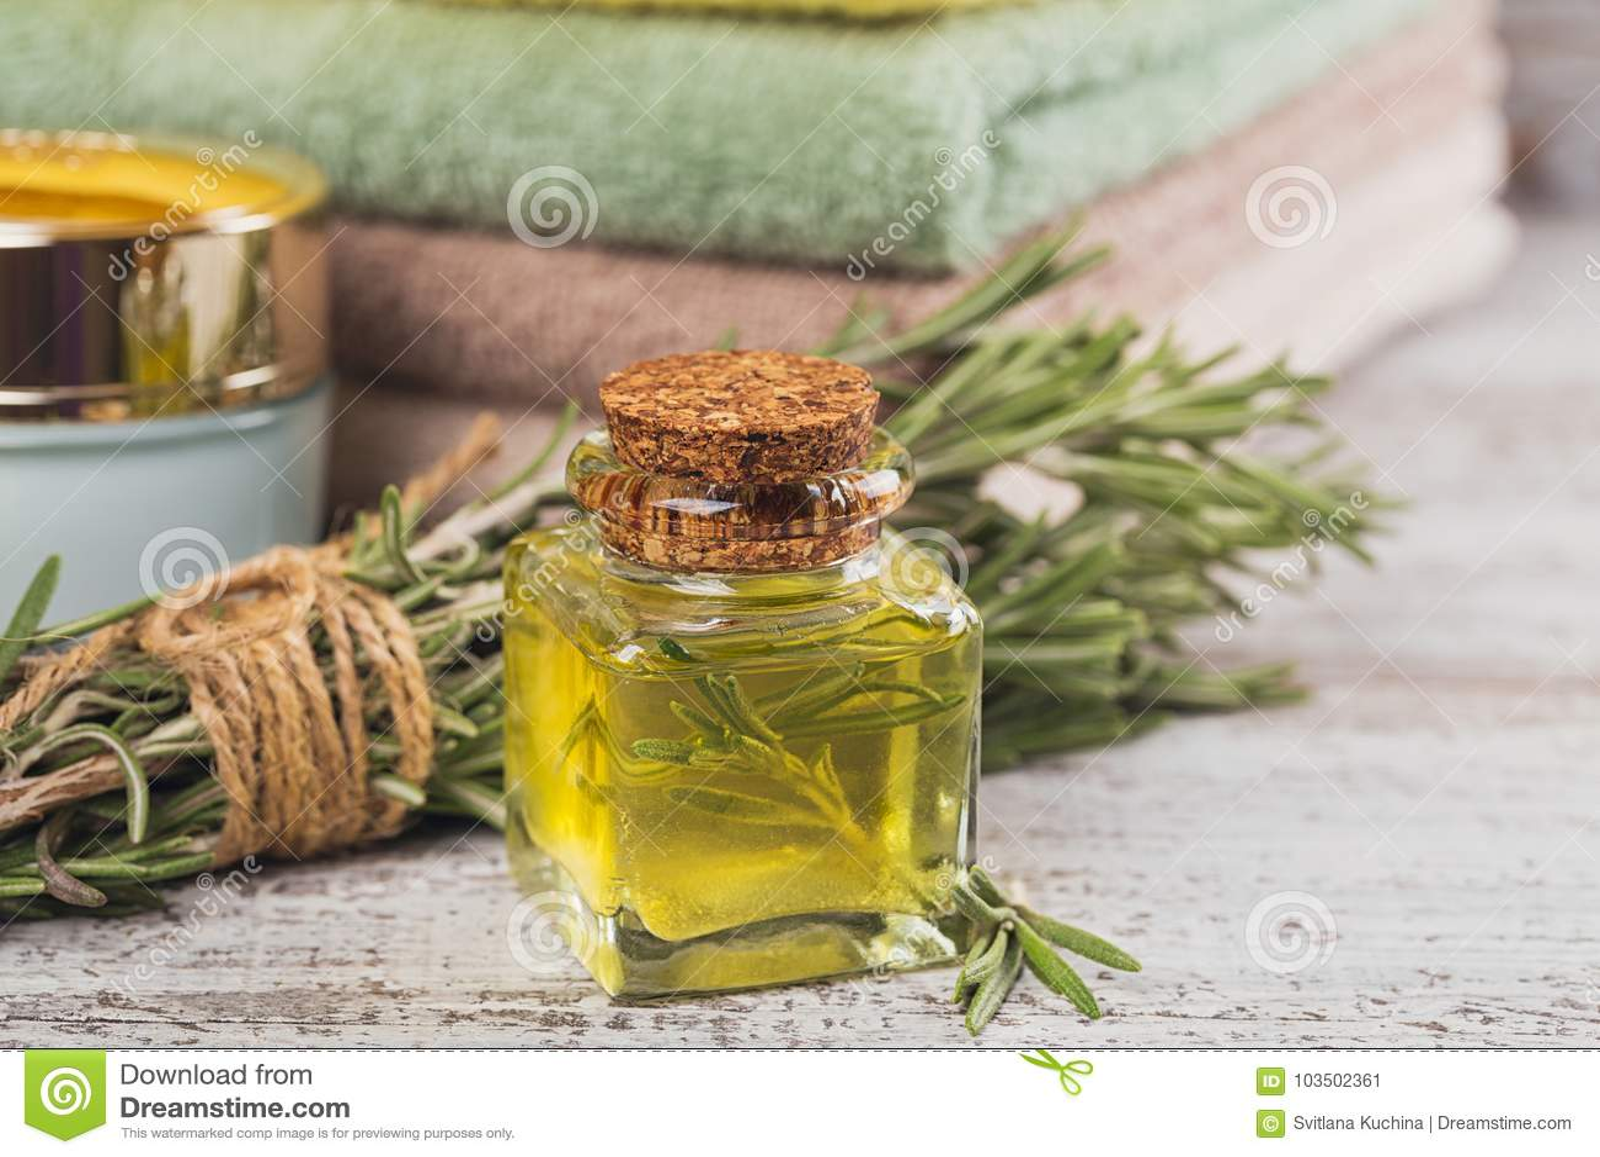 Óleo cosmético natural e sabão feito a mão natural com alecrins sobre